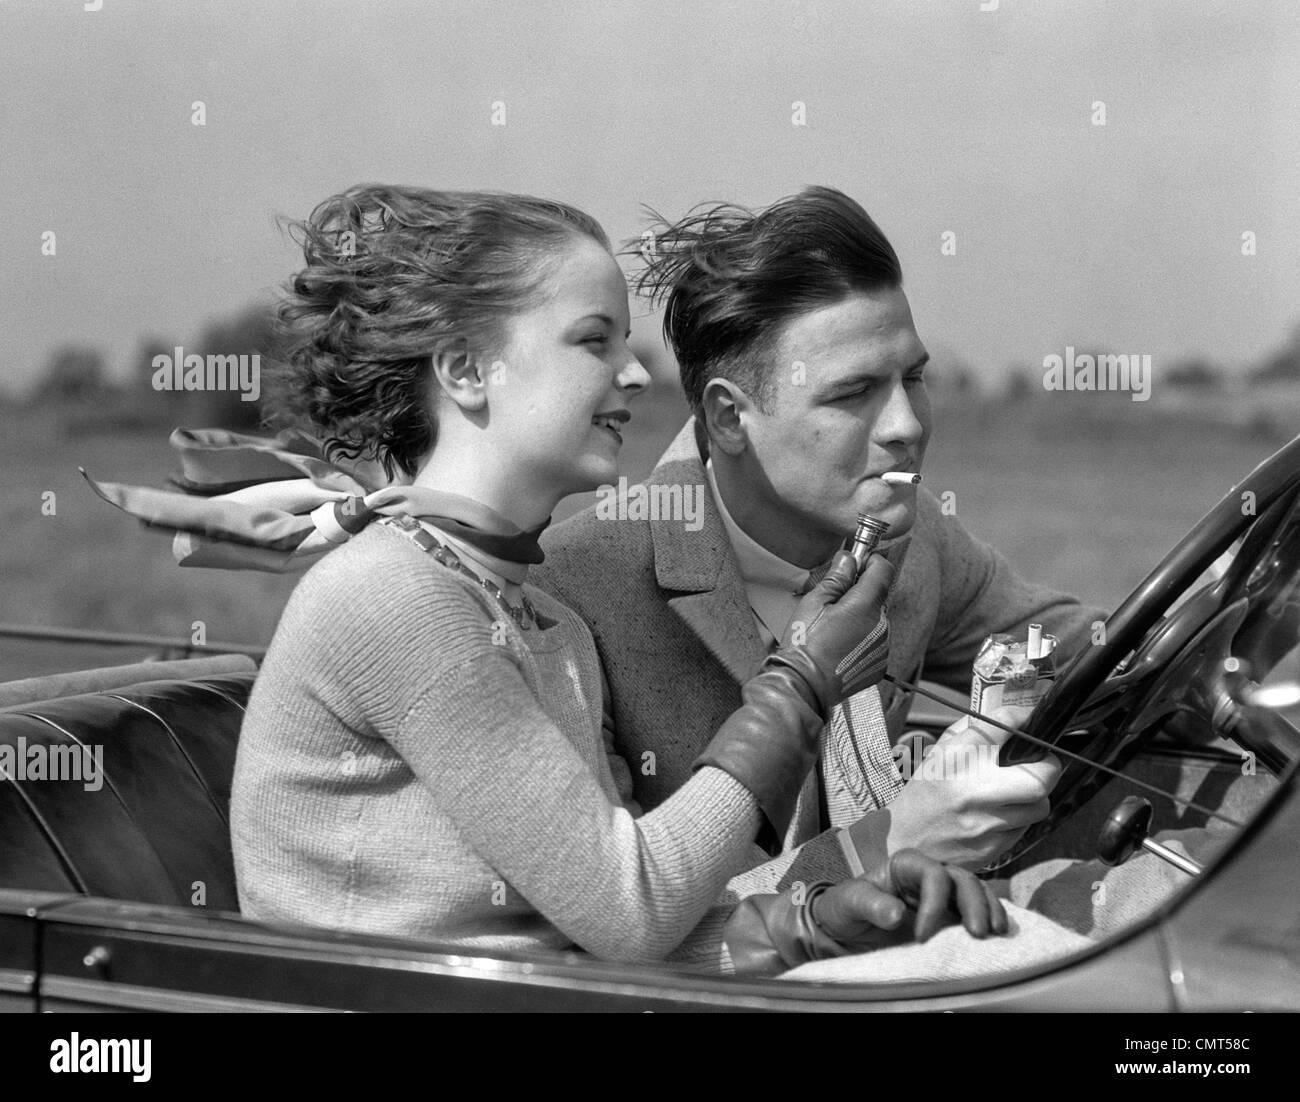 1930s uomo alla guida di automobile convertibile mentre la ragazza si accende la sigaretta Immagini Stock